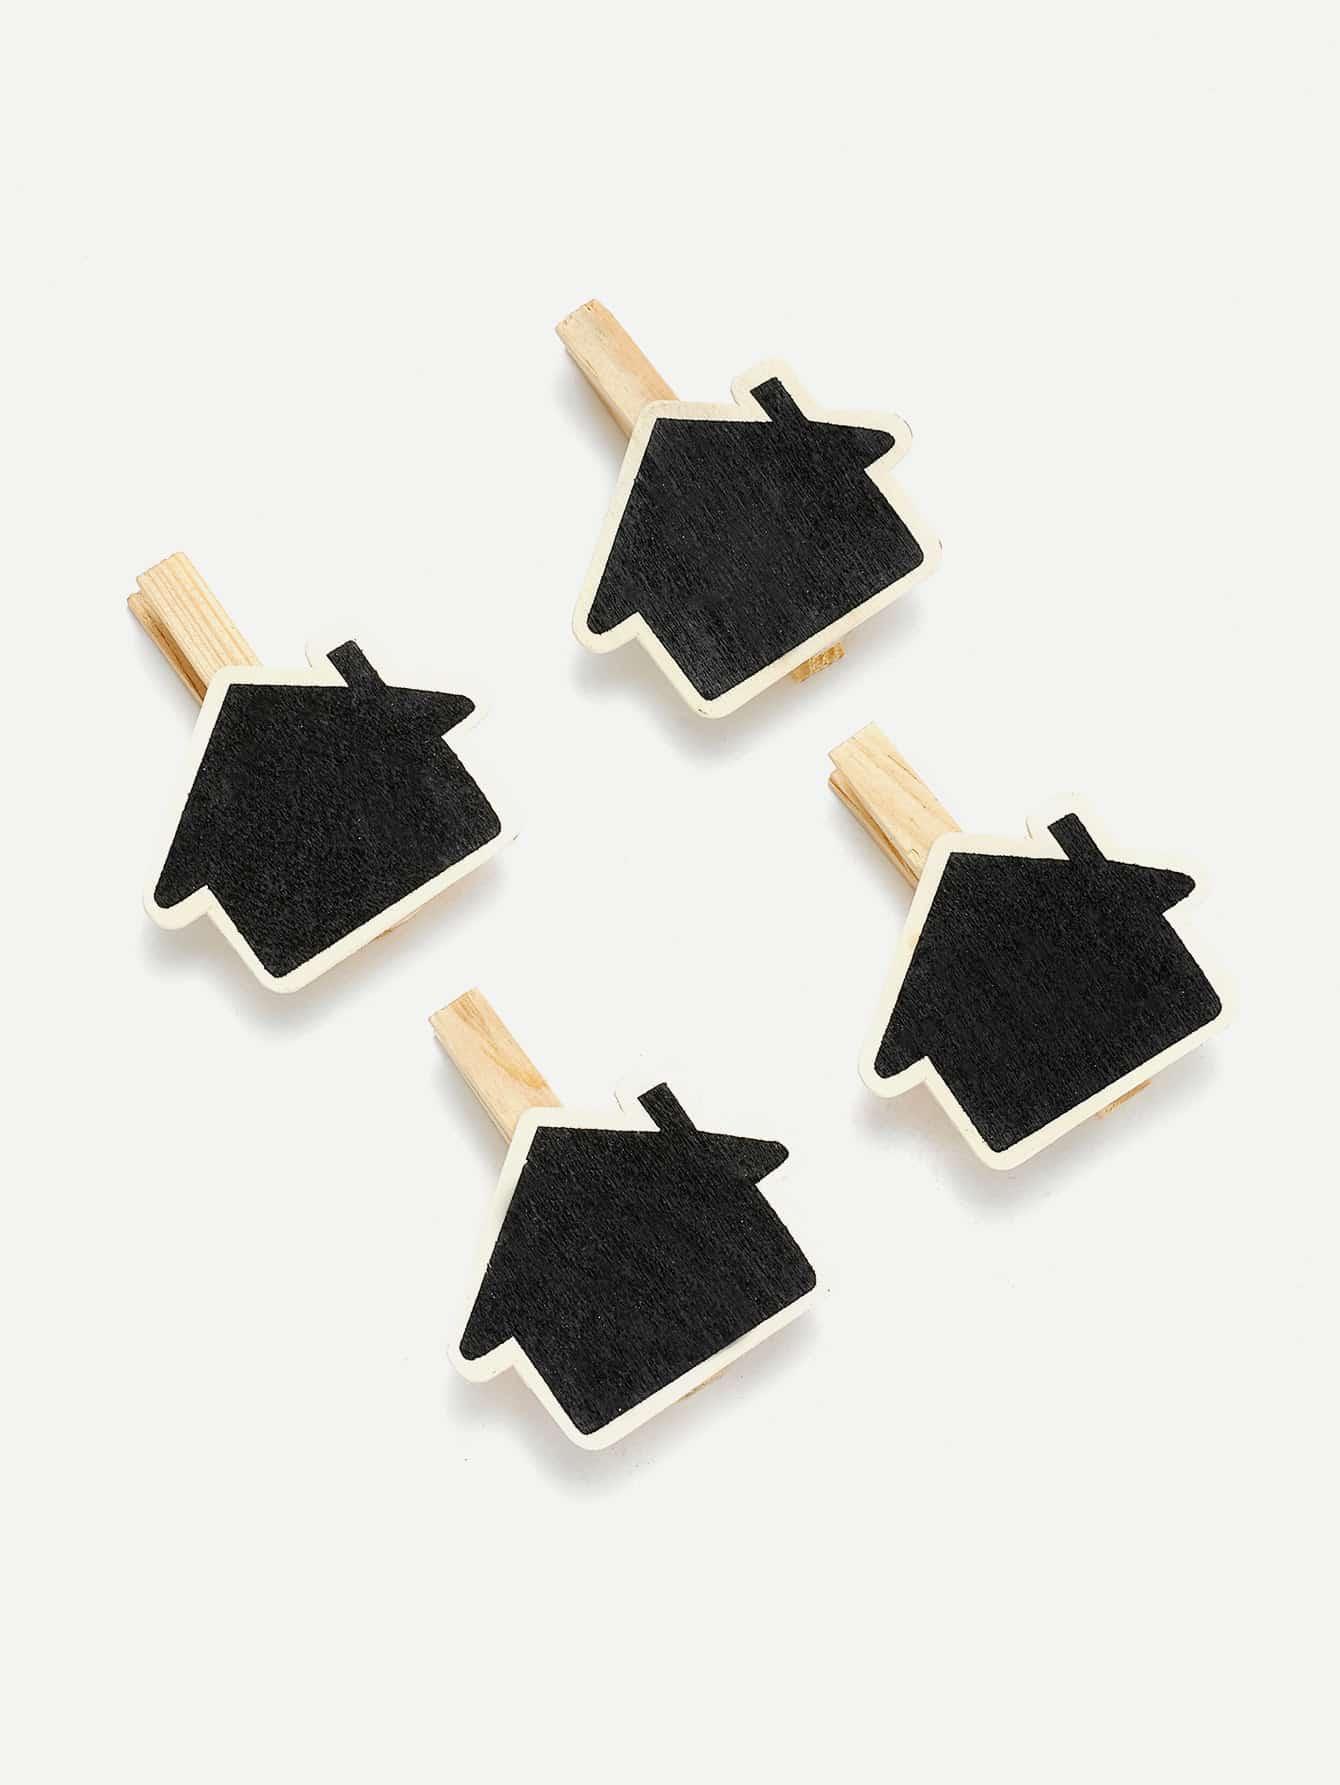 House Shape Blackboard Wooden Clips 4Pcs